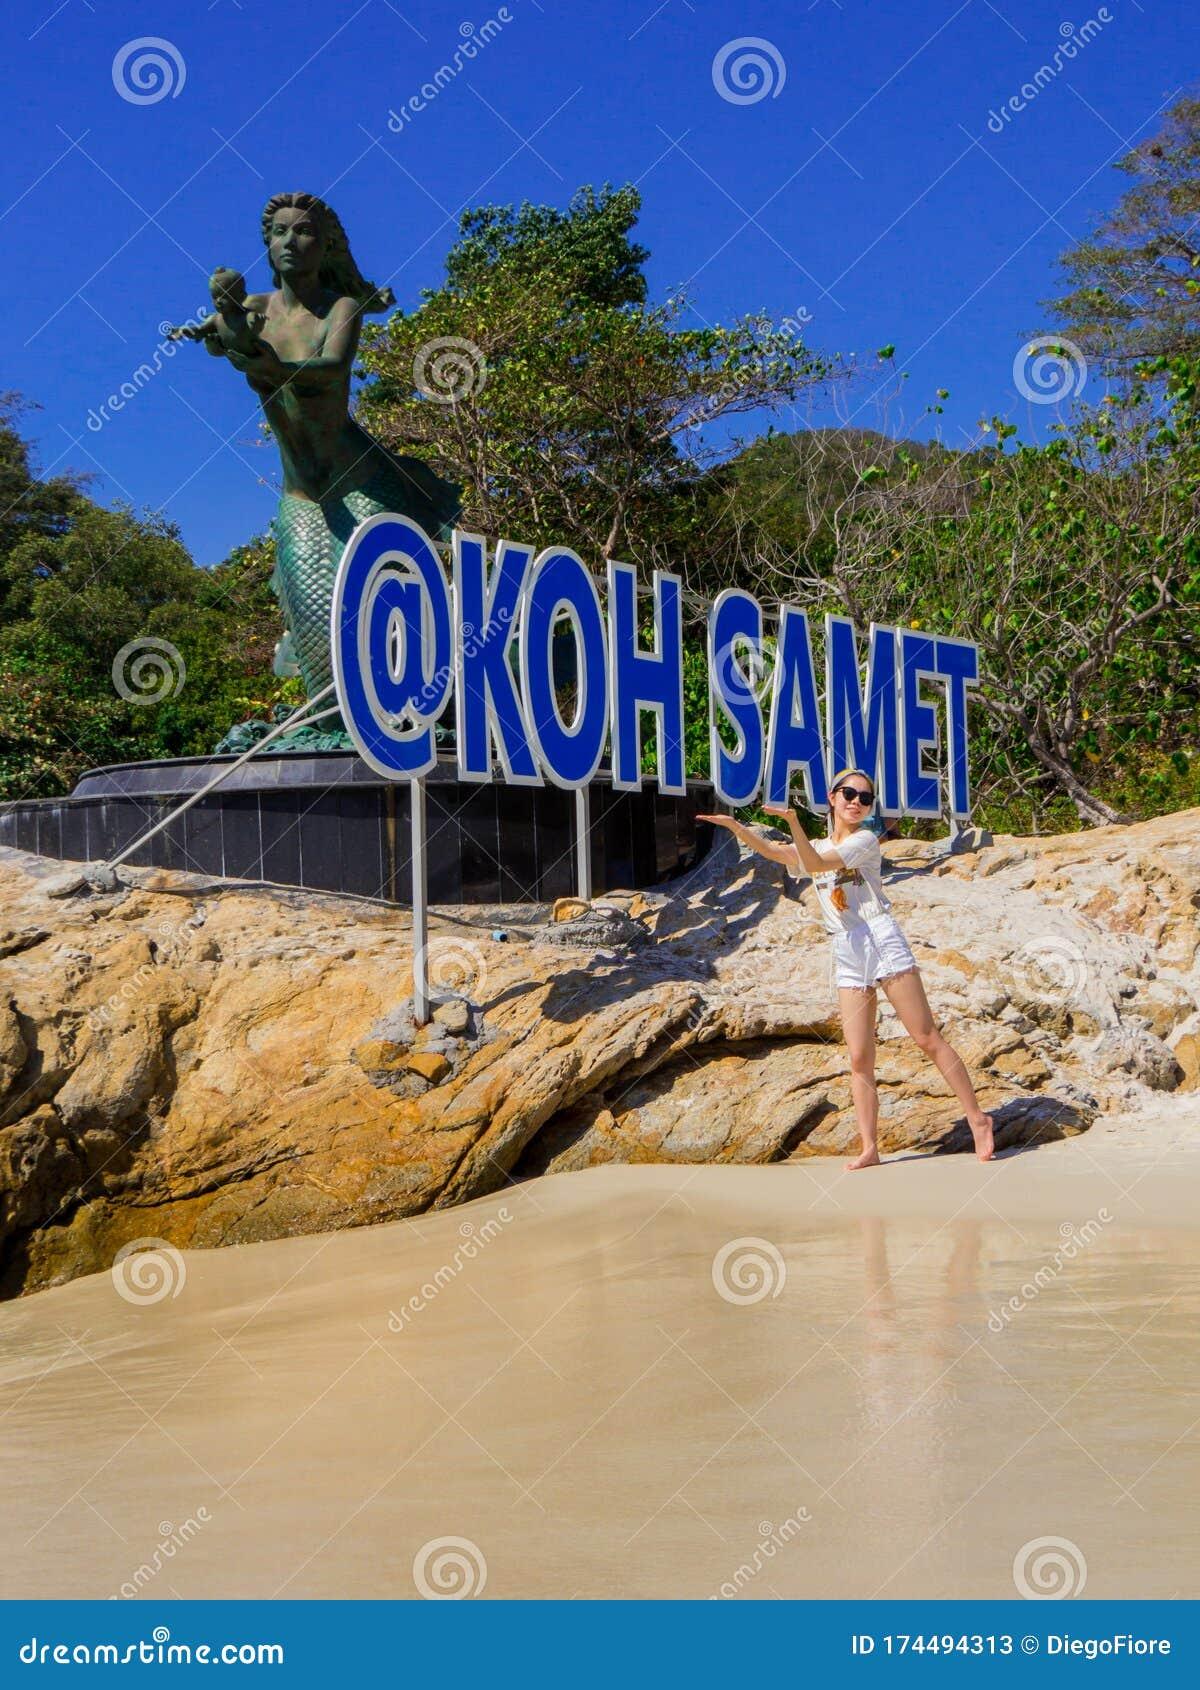 Koh Samet Girls